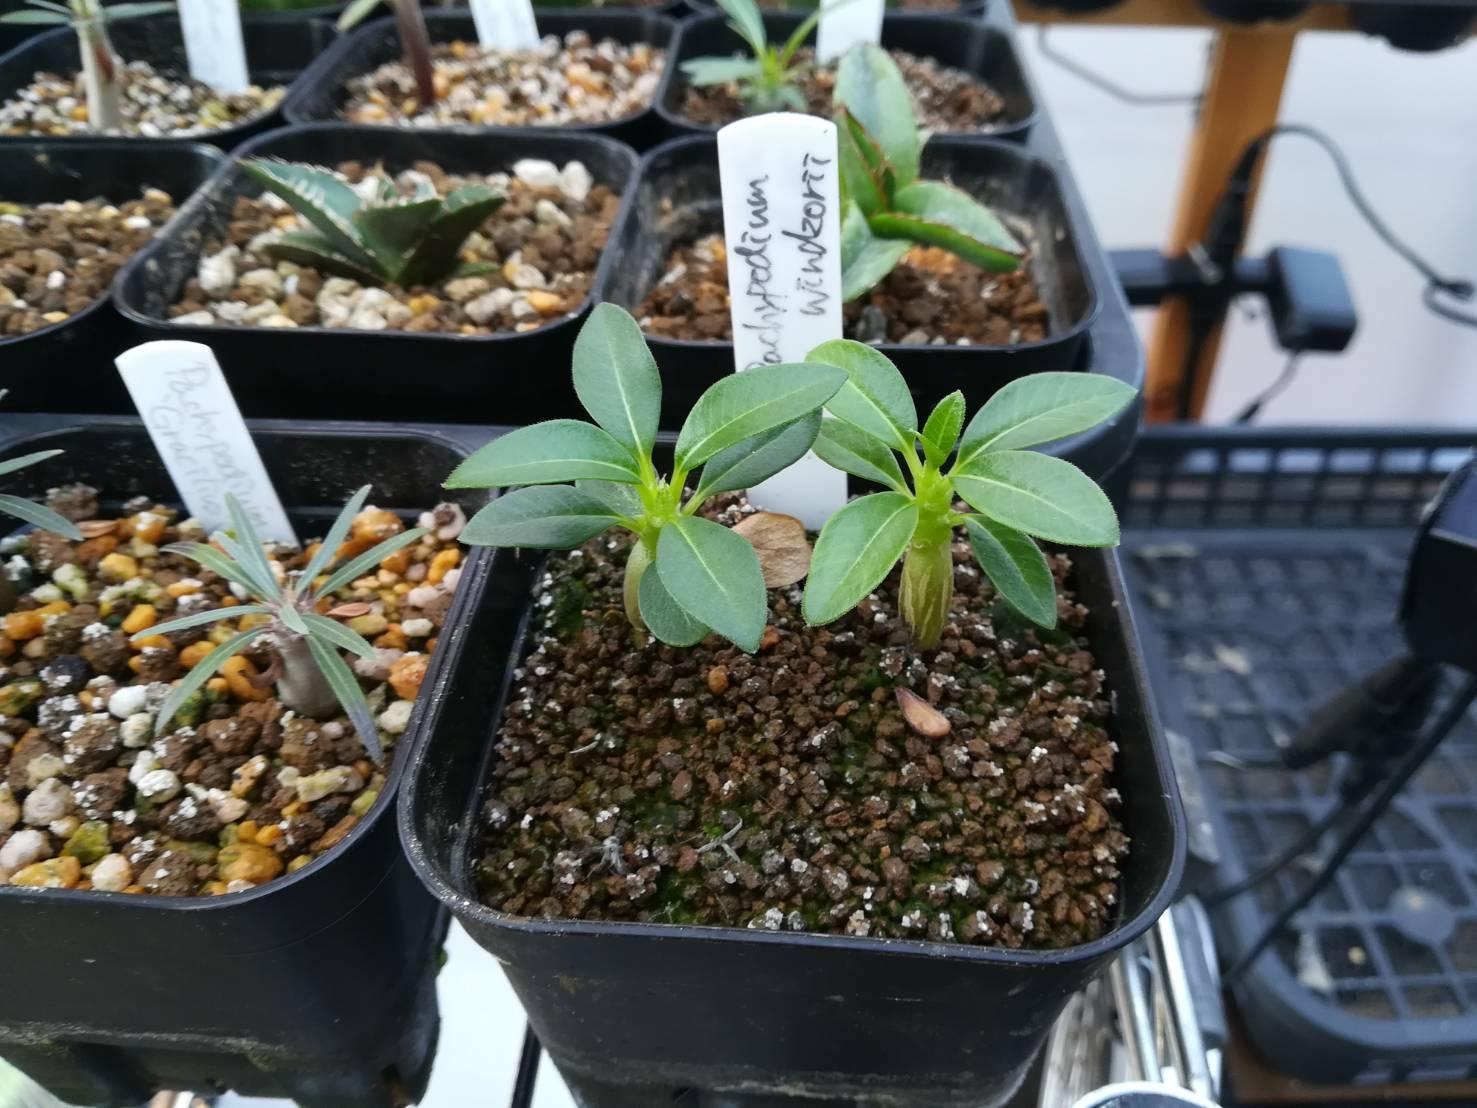 パキポディウム実生苗の腰水をやめてみた。≪播種から4カ月後×腰水卒業×冬の管理を考える≫